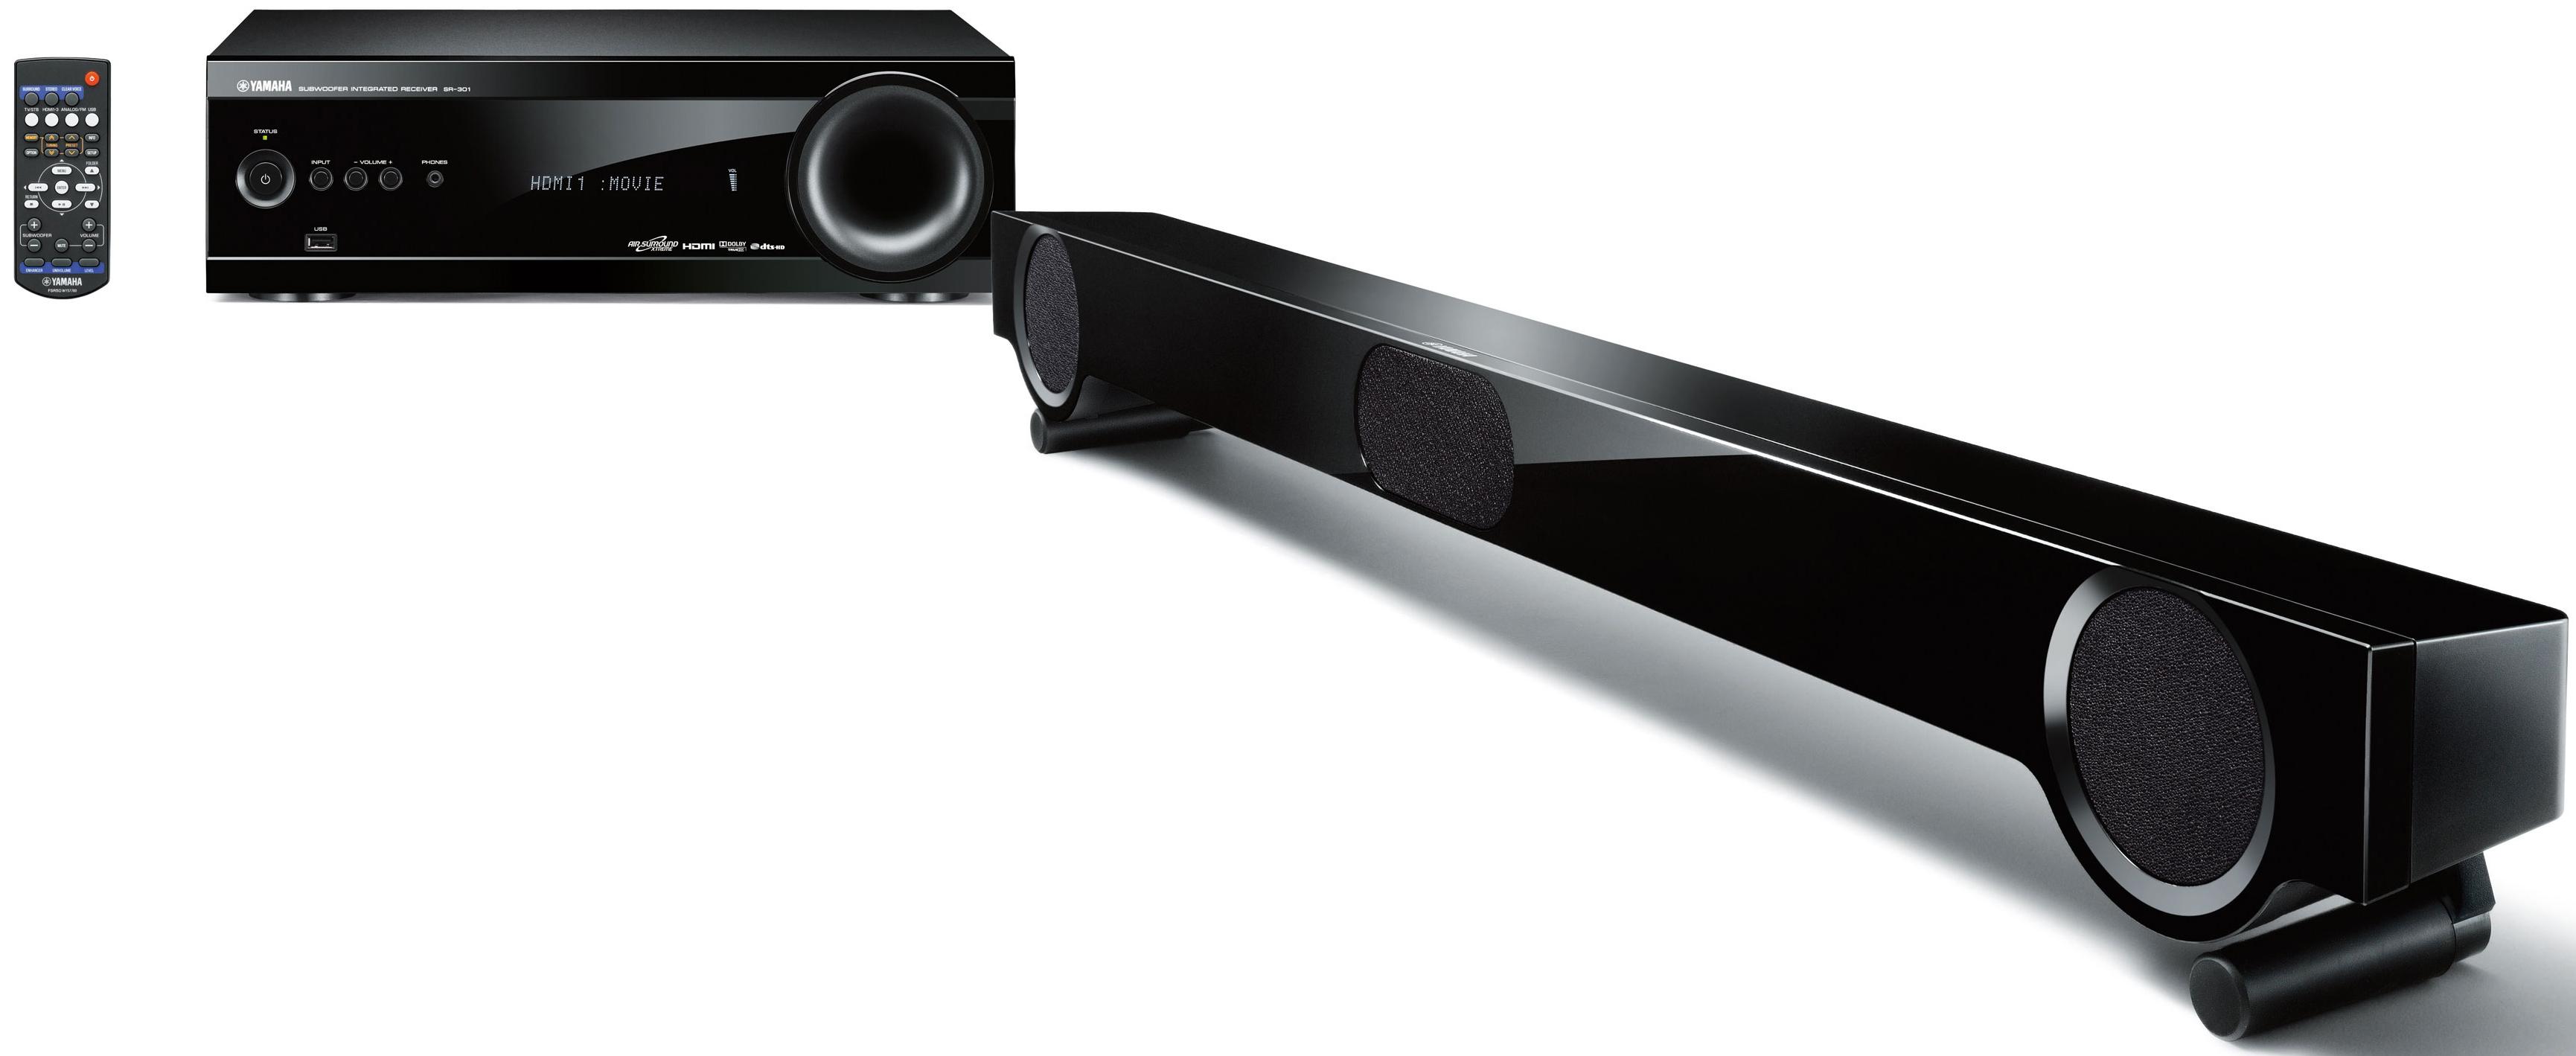 yamaha yht s401 digital sound bar and subwoofer package. Black Bedroom Furniture Sets. Home Design Ideas